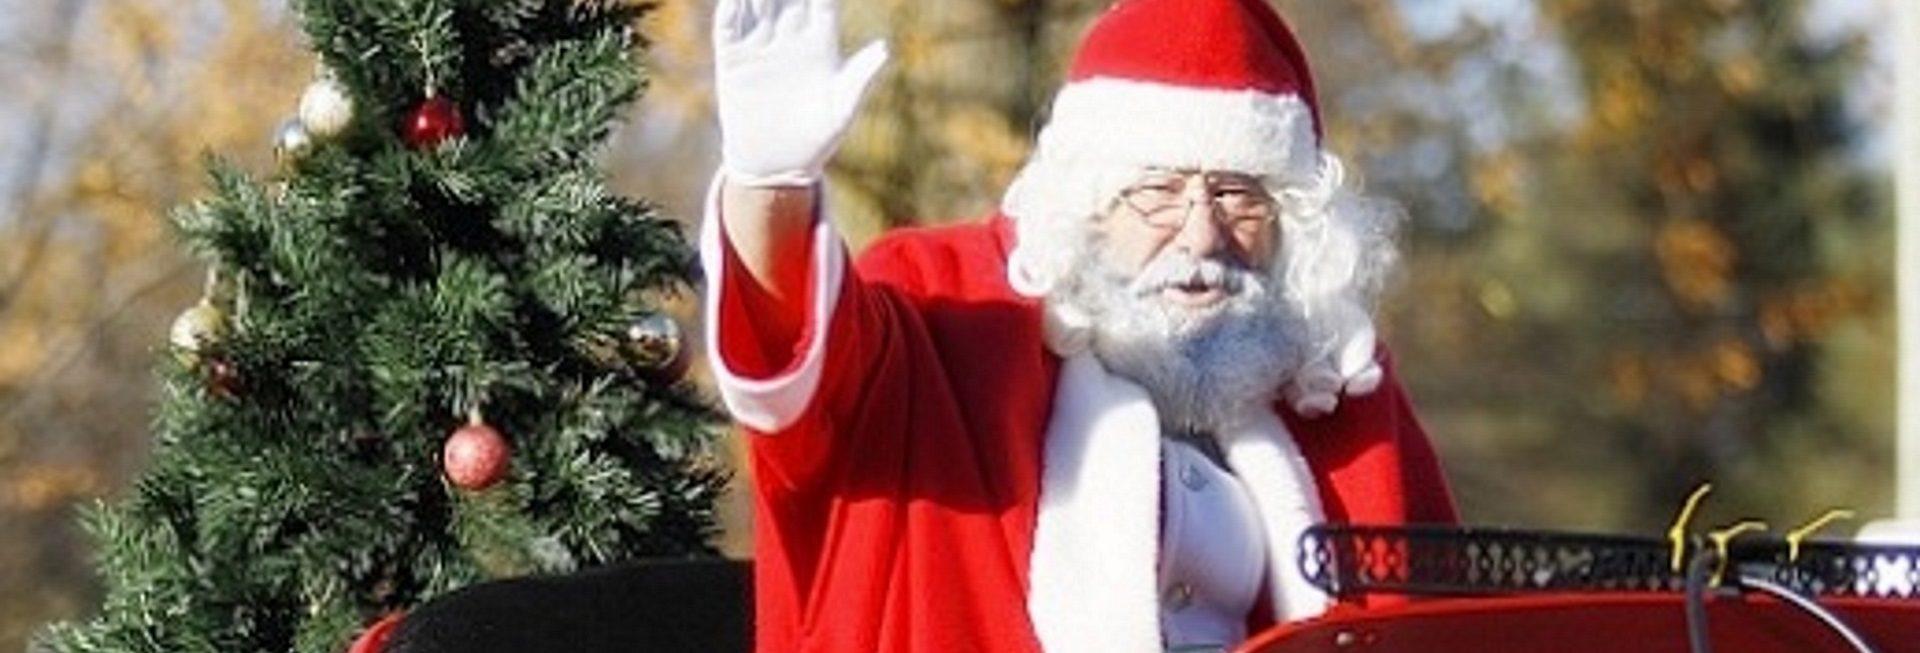 Zdjęcie zapraszające na Rotariańską Choinkę 2020 dla Dzieci w Porcie Ekomarina w Giżycku. Na zdjęciu Św. Mikołaj wjeżdżający na saniach podczas zeszłorocznej choinki w Giżycku.